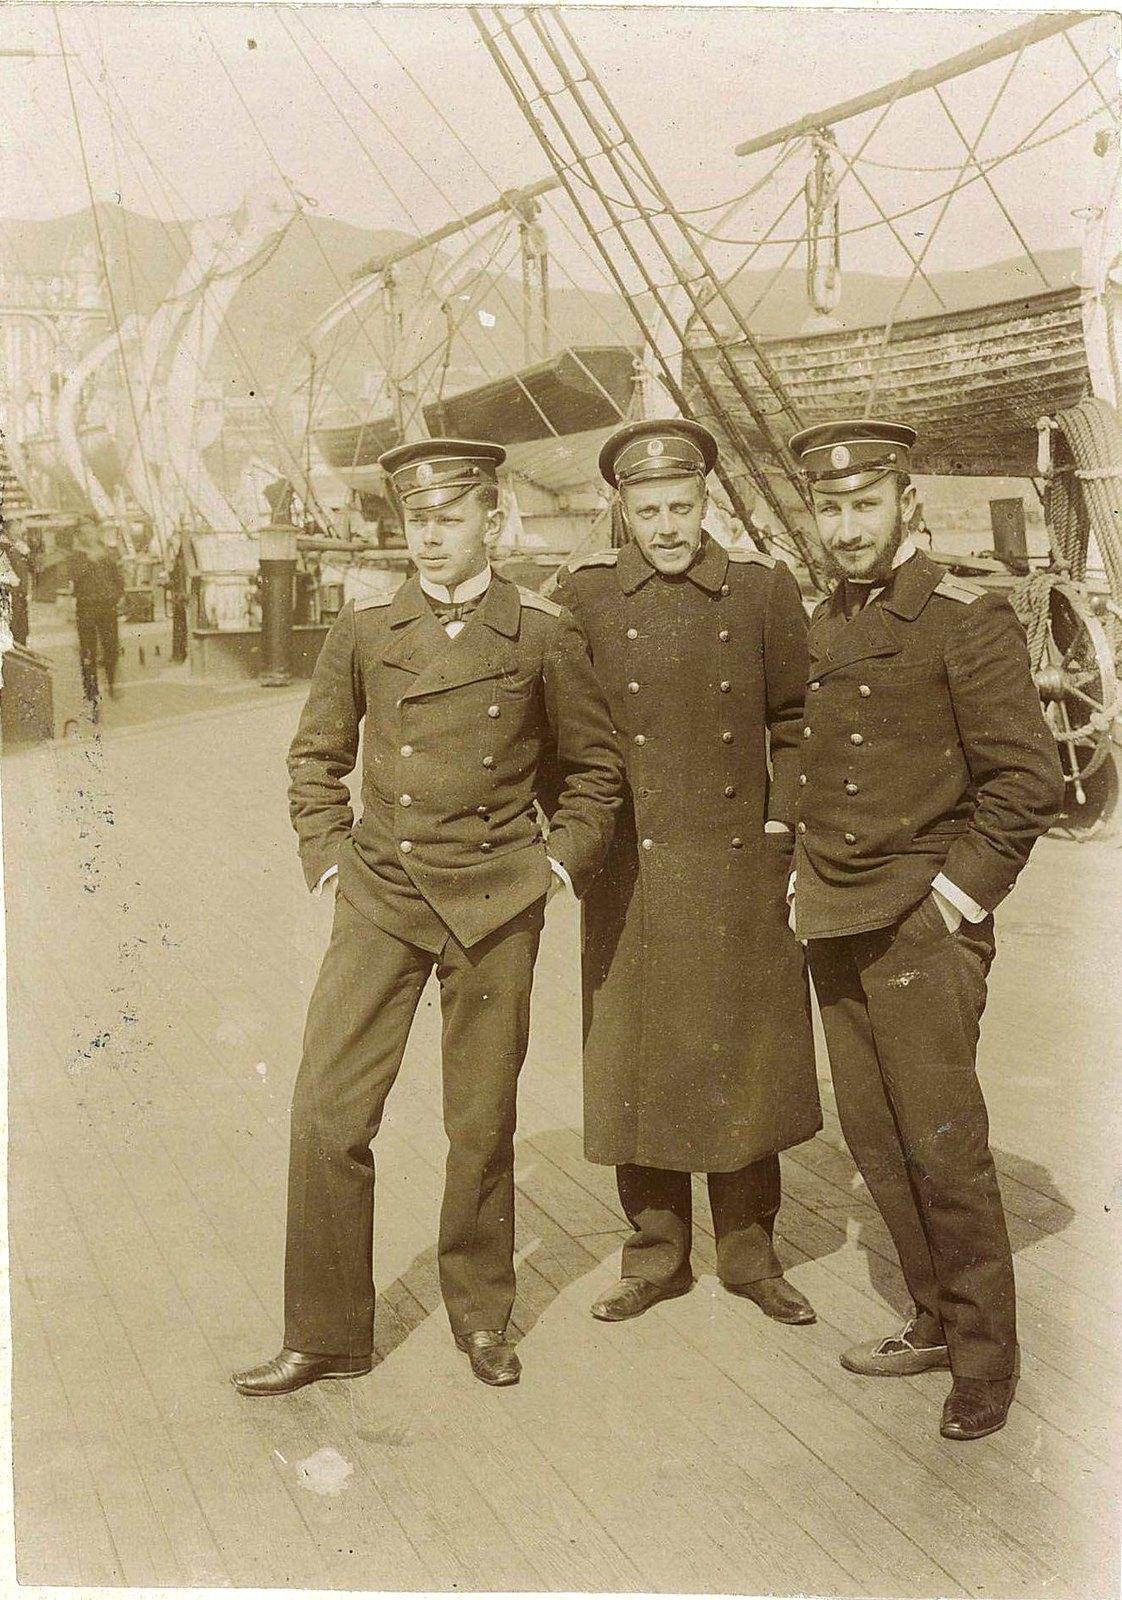 1905. Альбом боевых действий Владивостокского отряда крейсеров. Часть 1